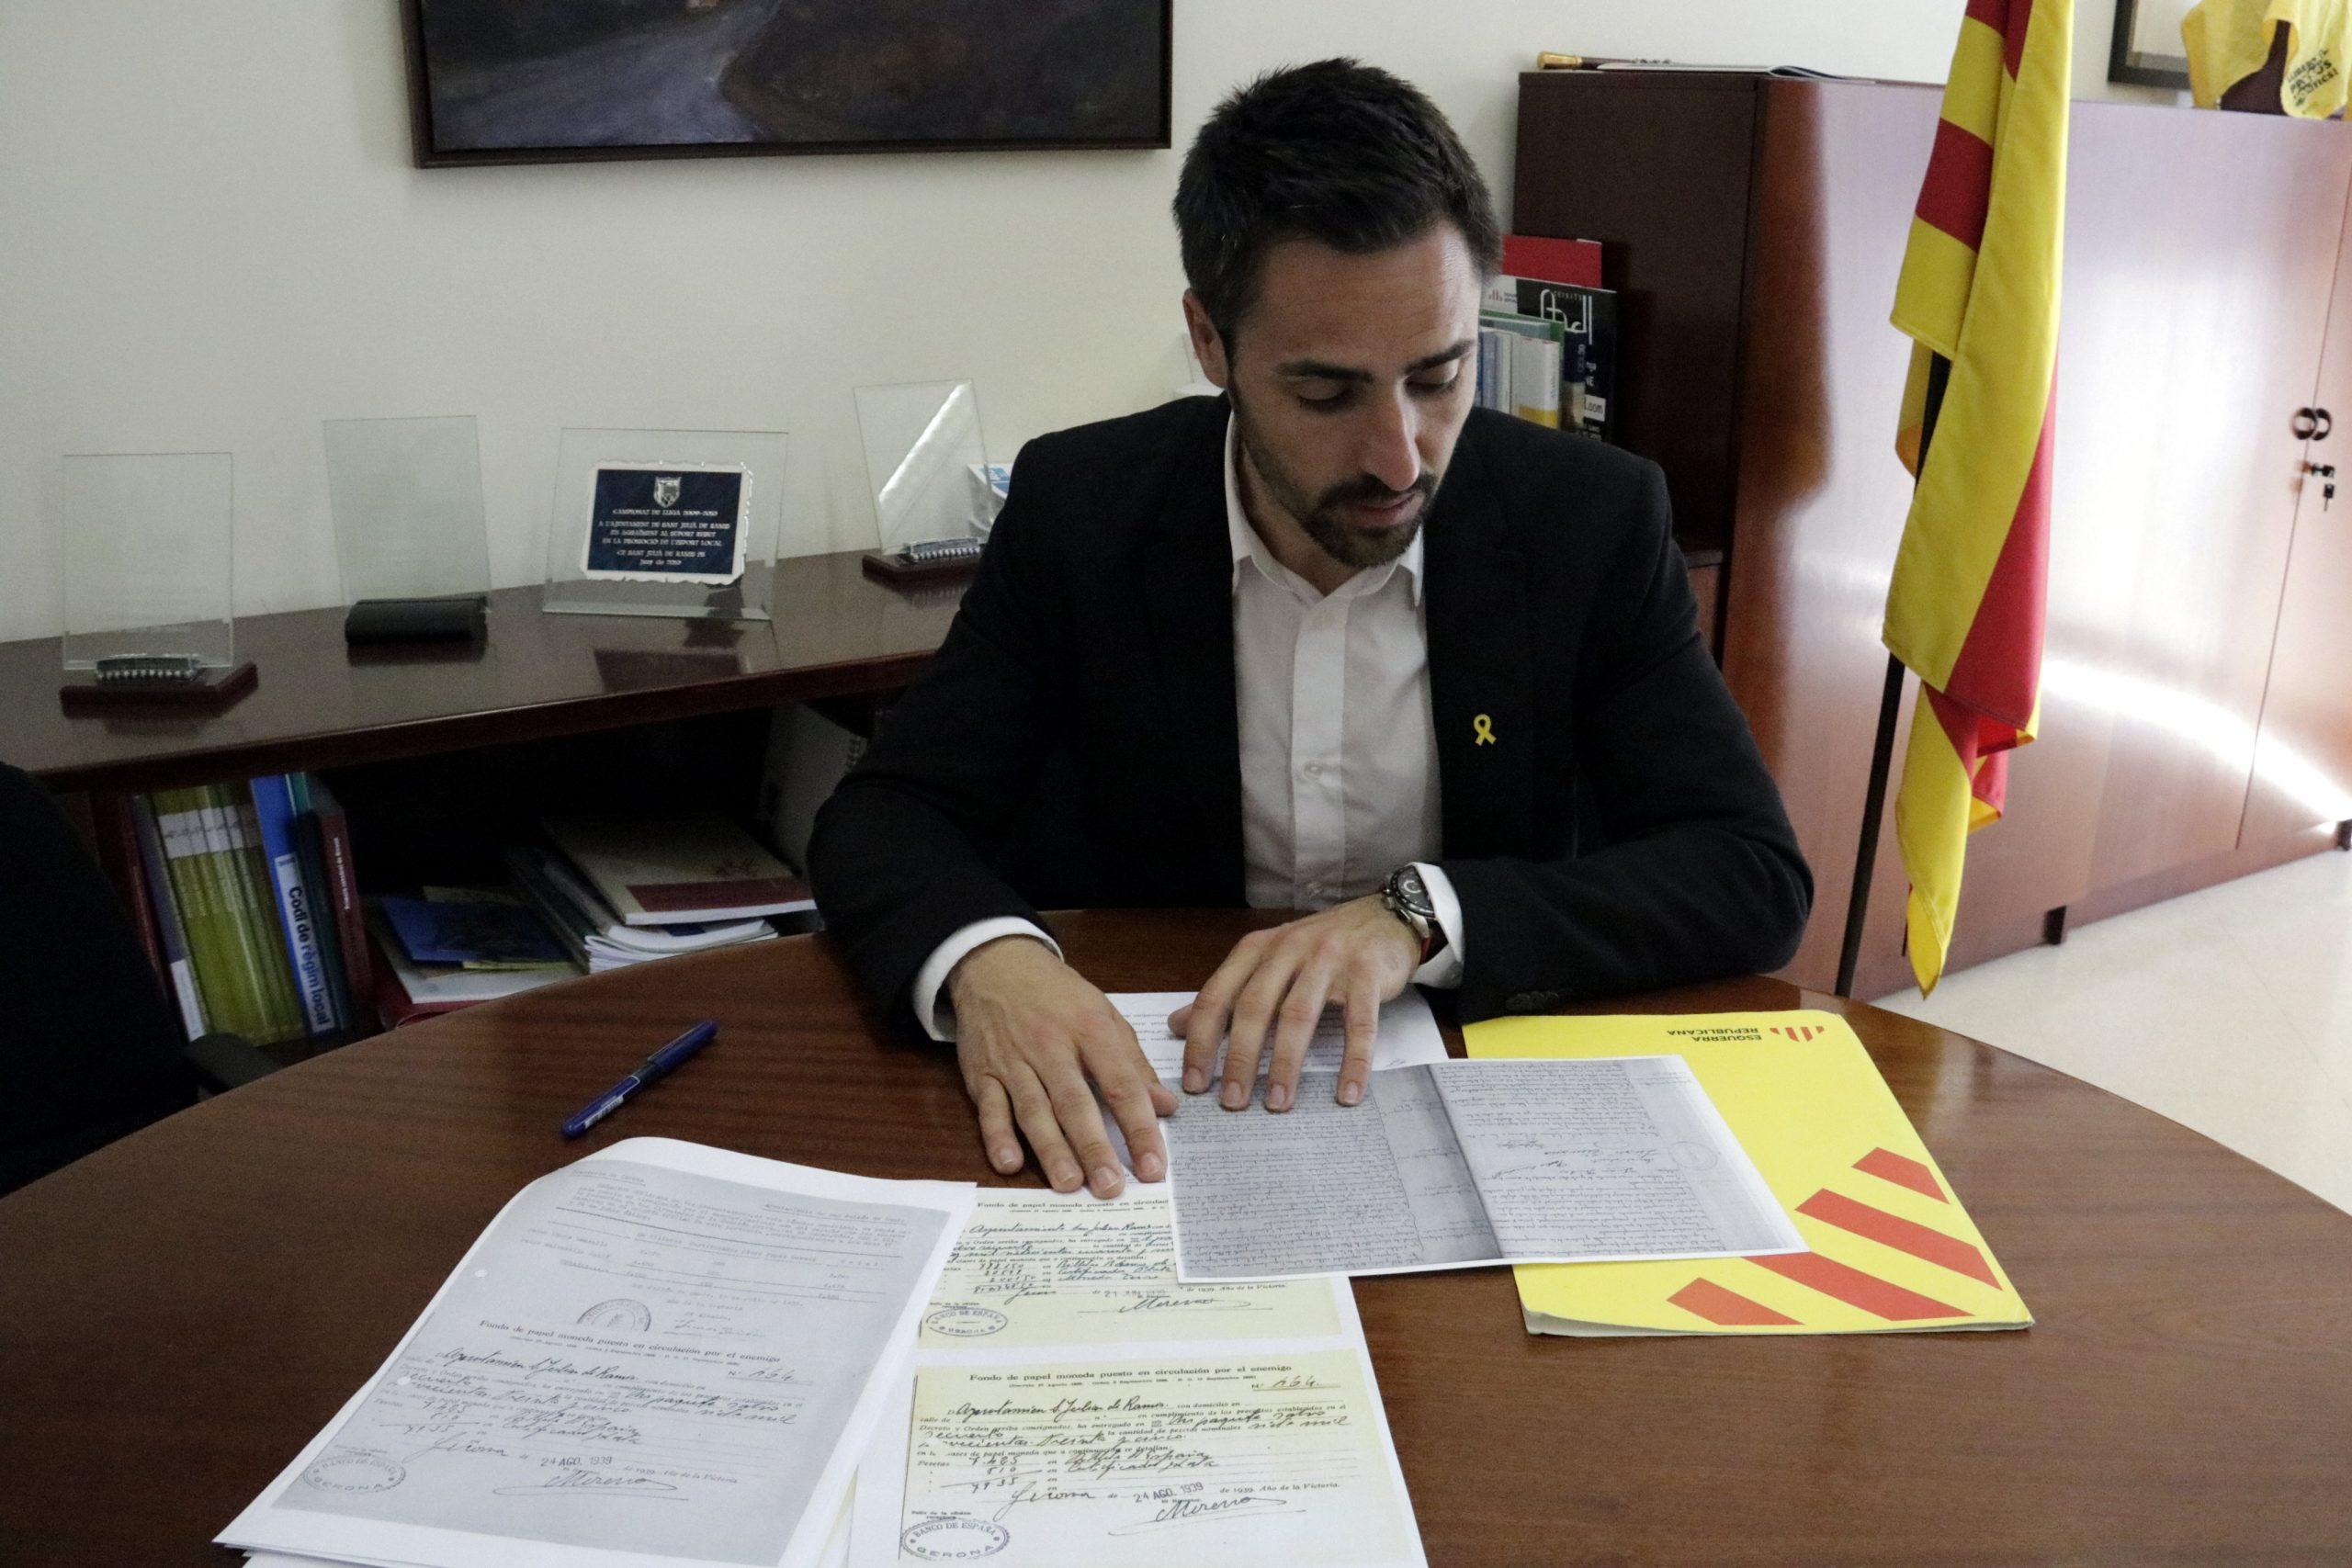 L'alcalde de Sant Julià de Ramis amb els documents que justifiquen els diners republicans que l'ajuntament va entregar i no van tornar (ACN)